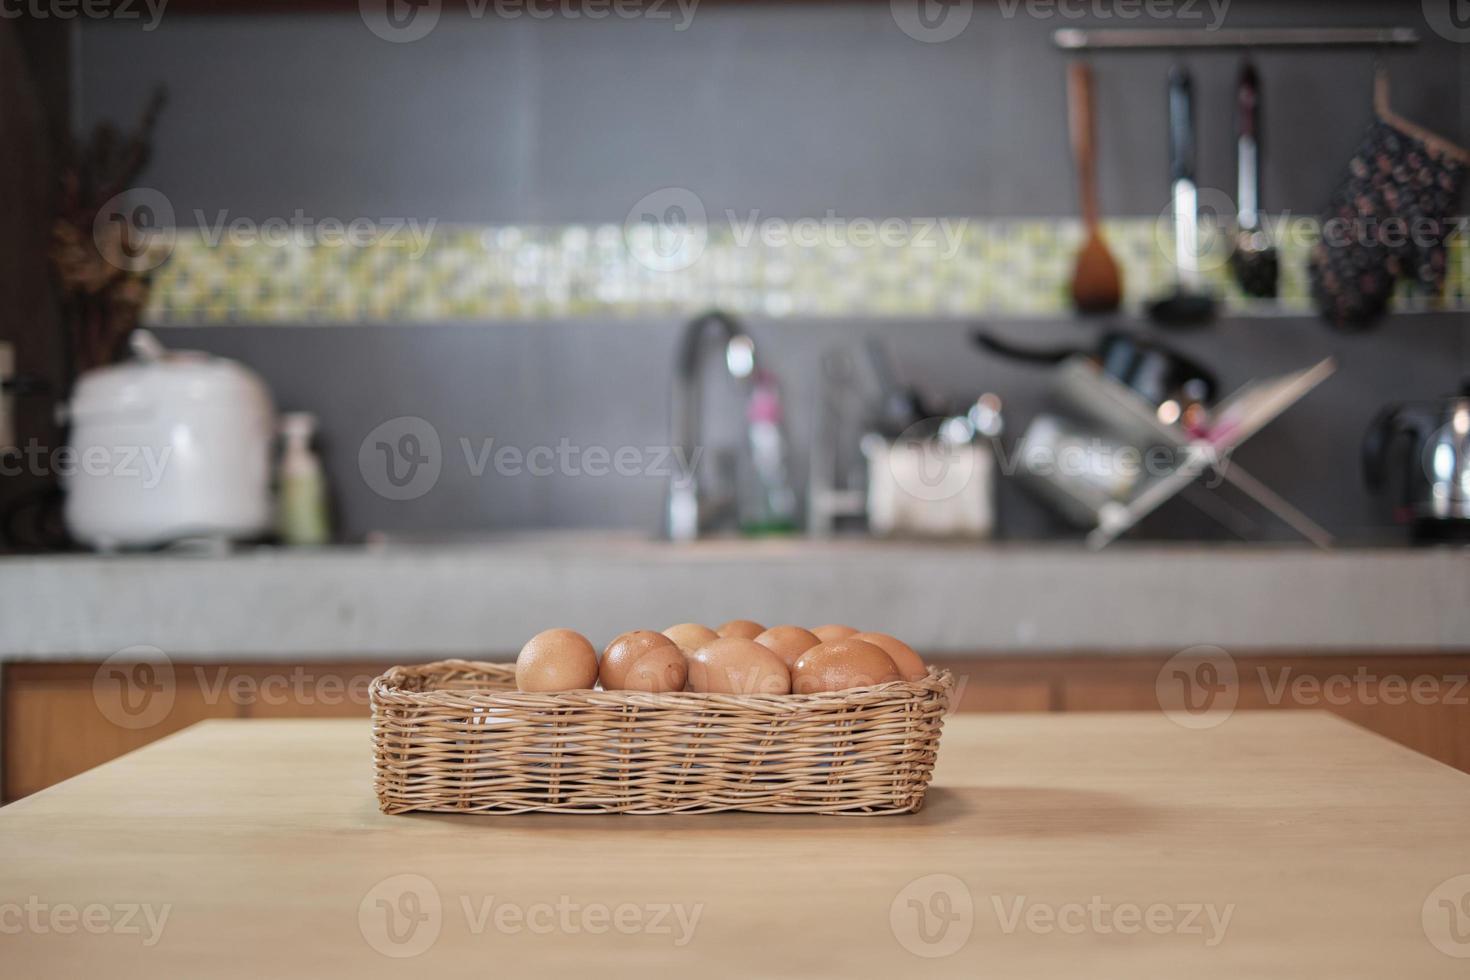 huevos frescos de granja apilados en cestas de madera en la cocina de la casa. foto